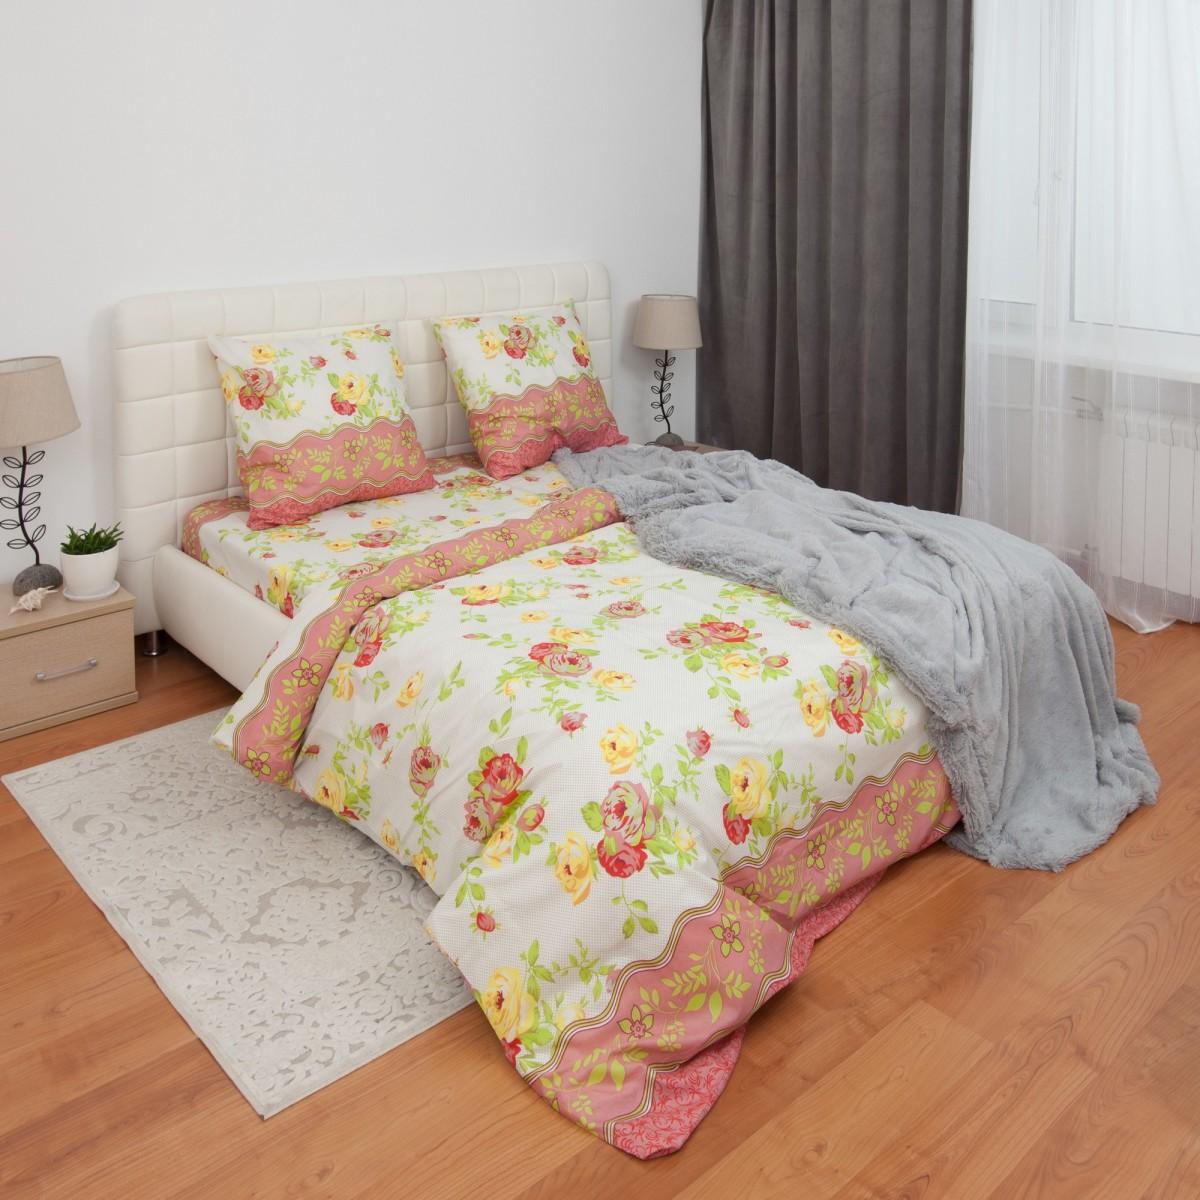 Комплект постельного белья Канна евро микрофибра